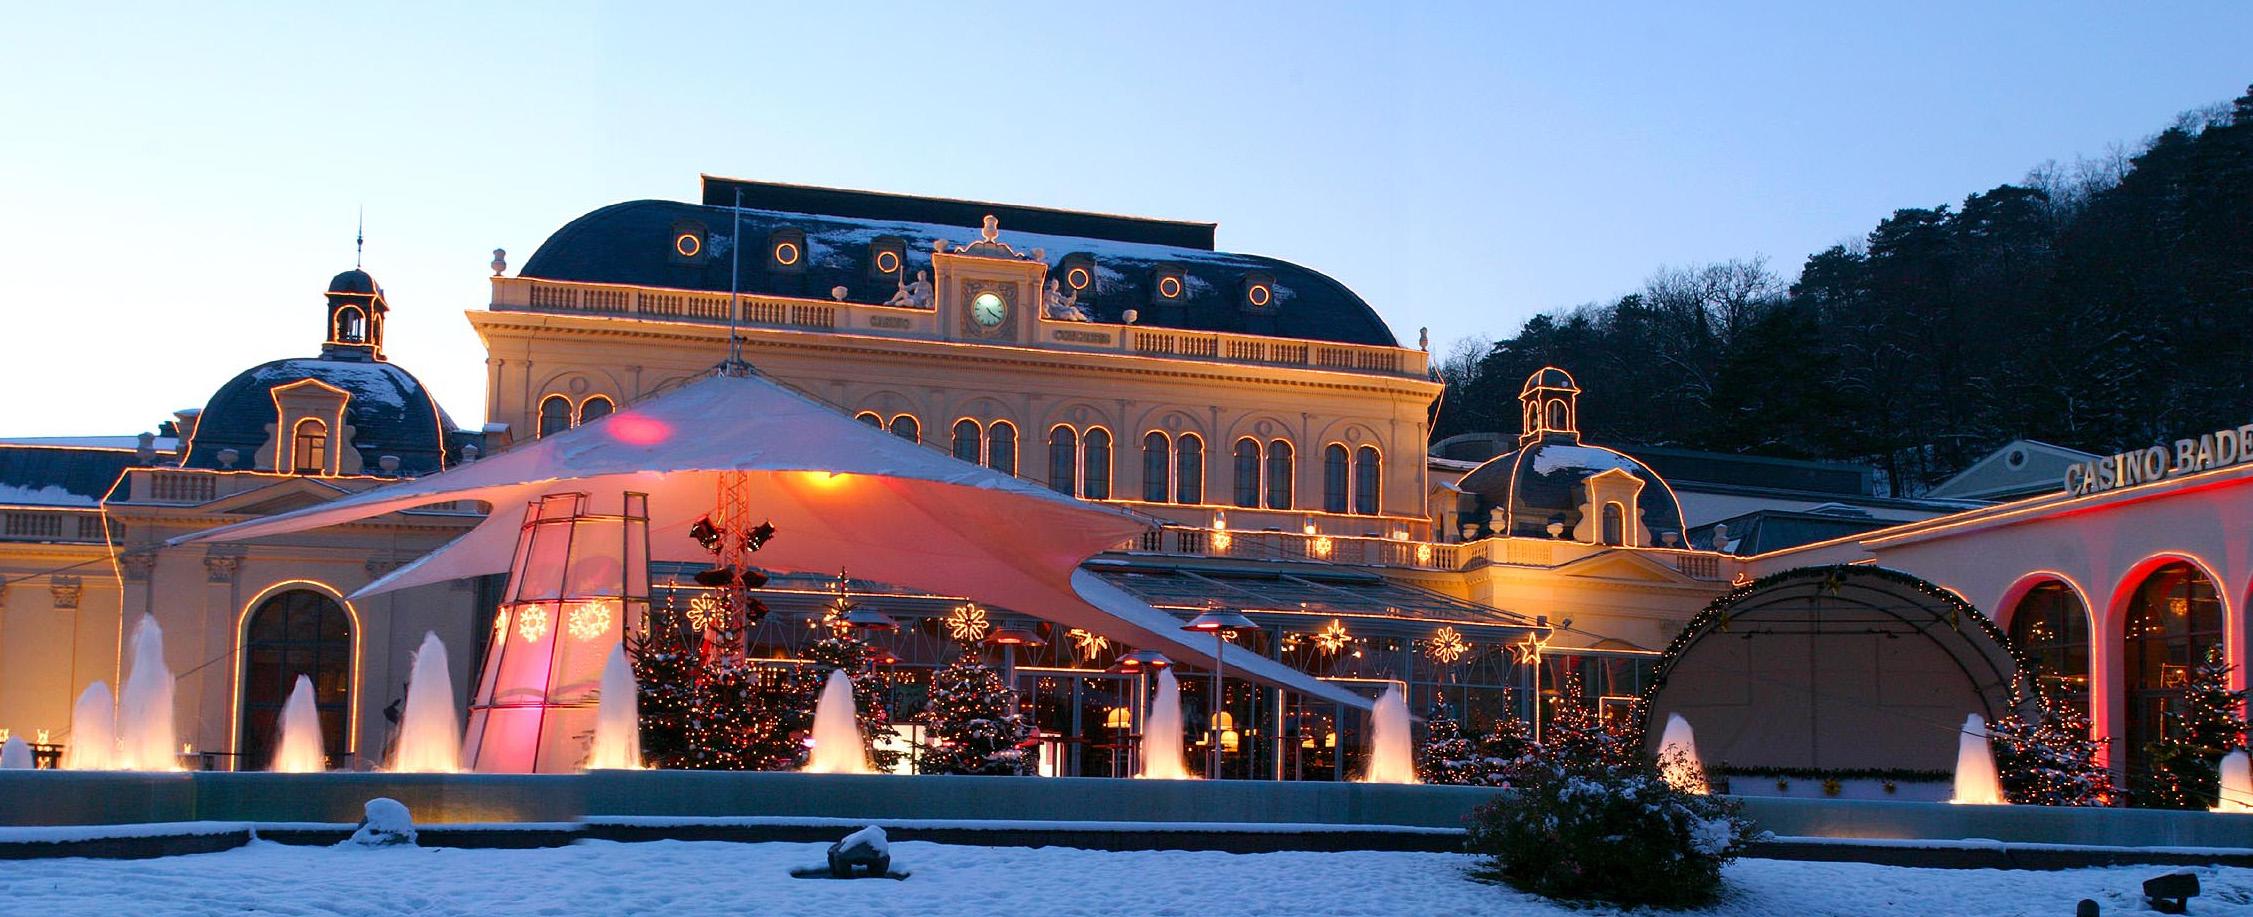 Baden Austria  City pictures : baden austria christmas